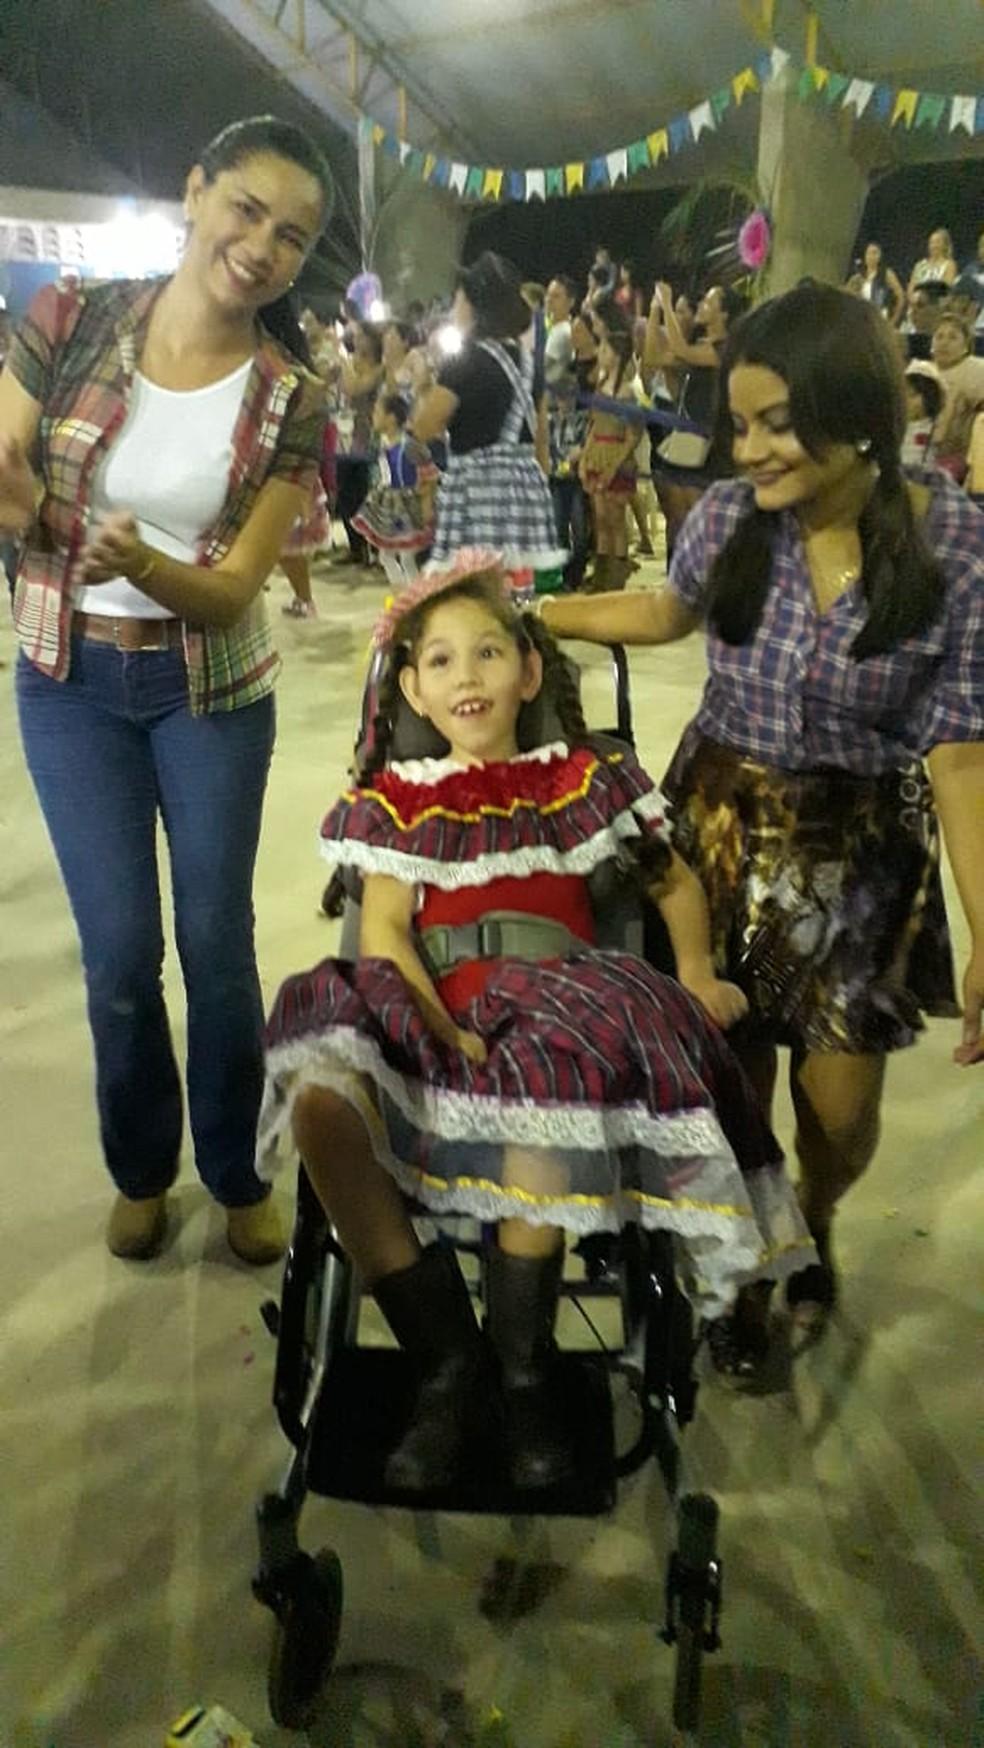 Cuidadora e professora acompanharam criança durante apresentação de quadrilha junina (Foto: Arquivo pessoal)